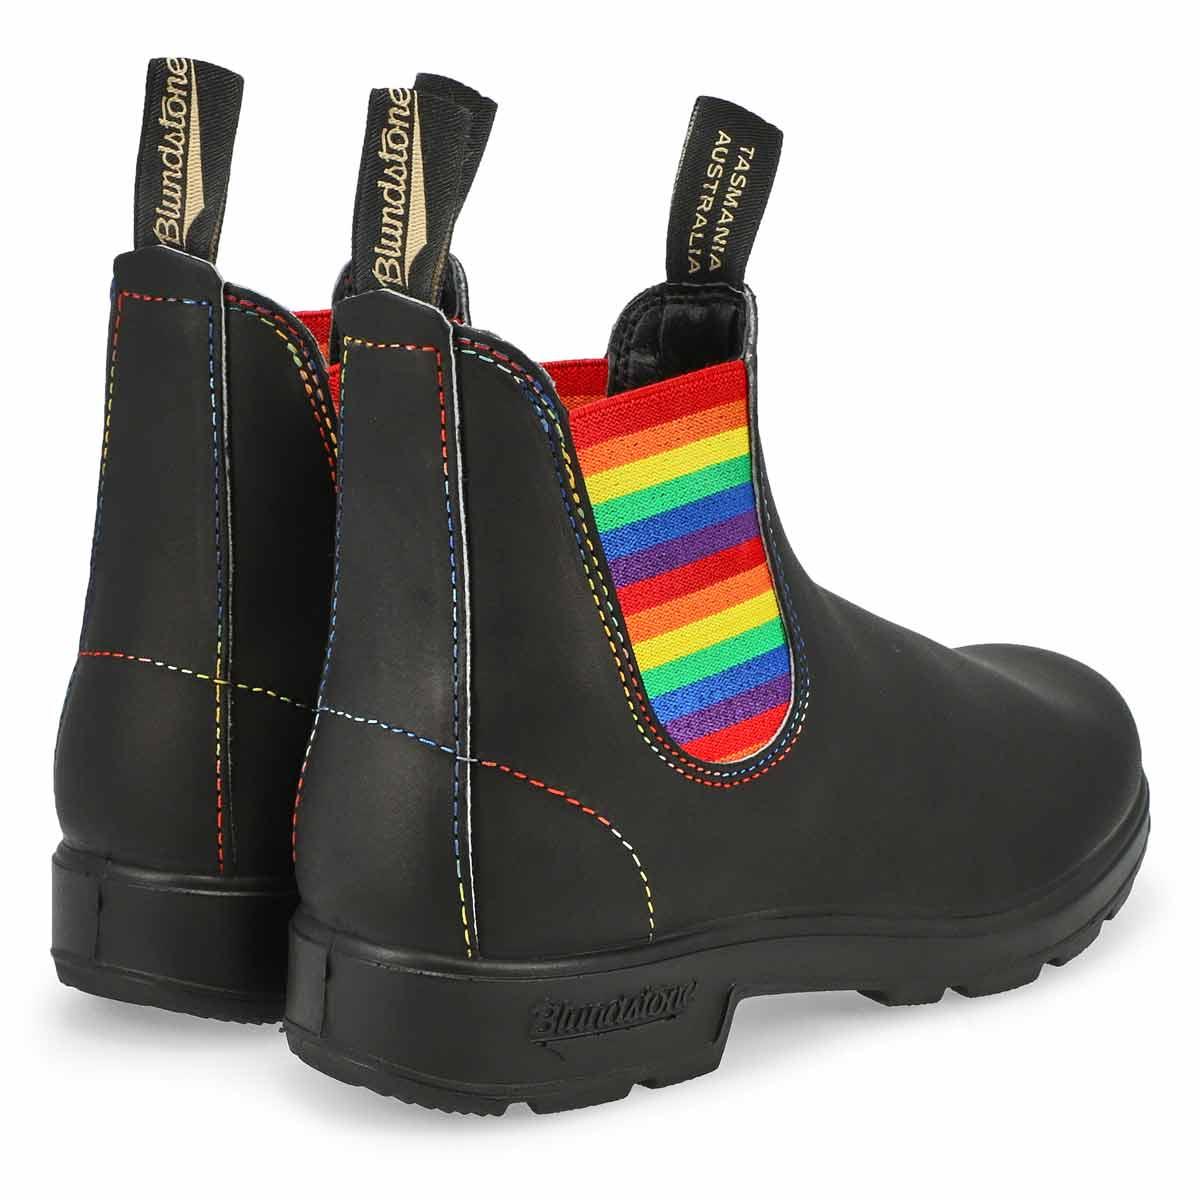 Unisex 2105 Original Boot - Black/Rainbow